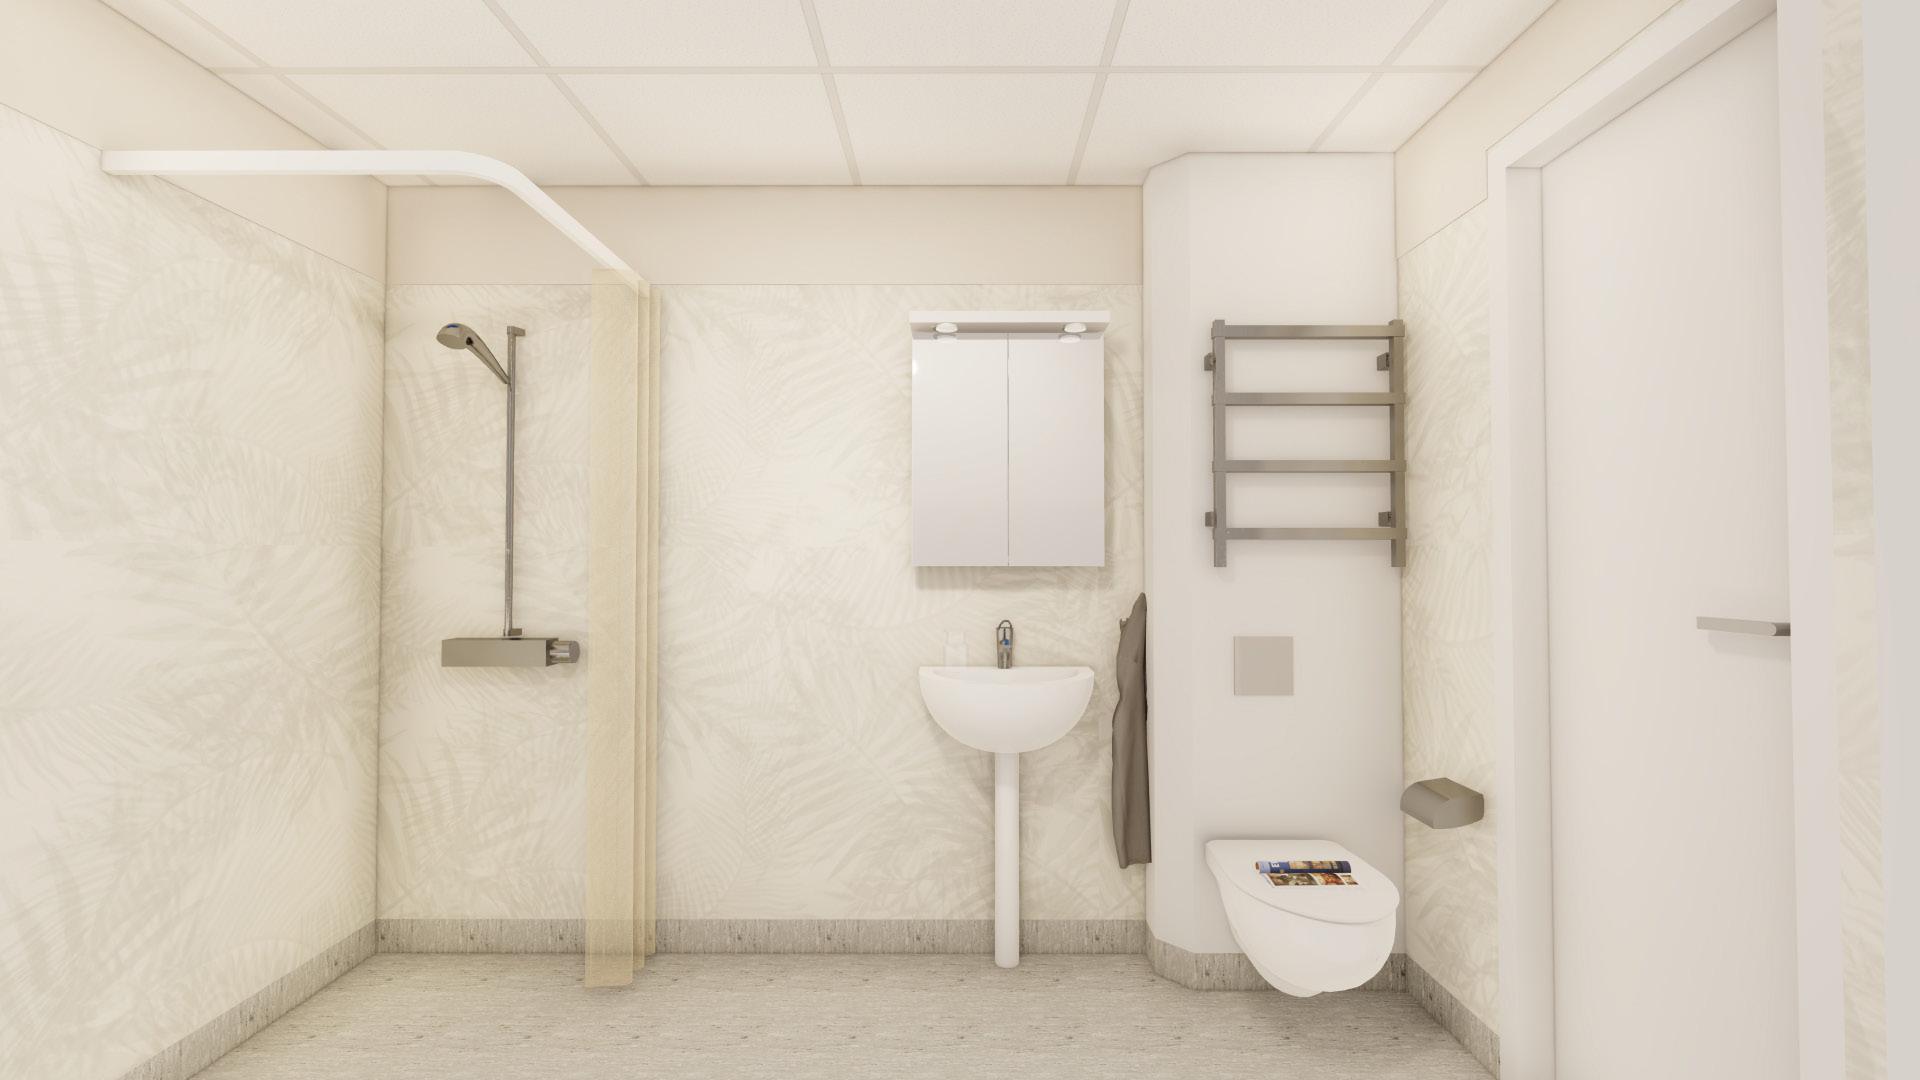 Bild på ljust badrum med vitt tvättställ och WC